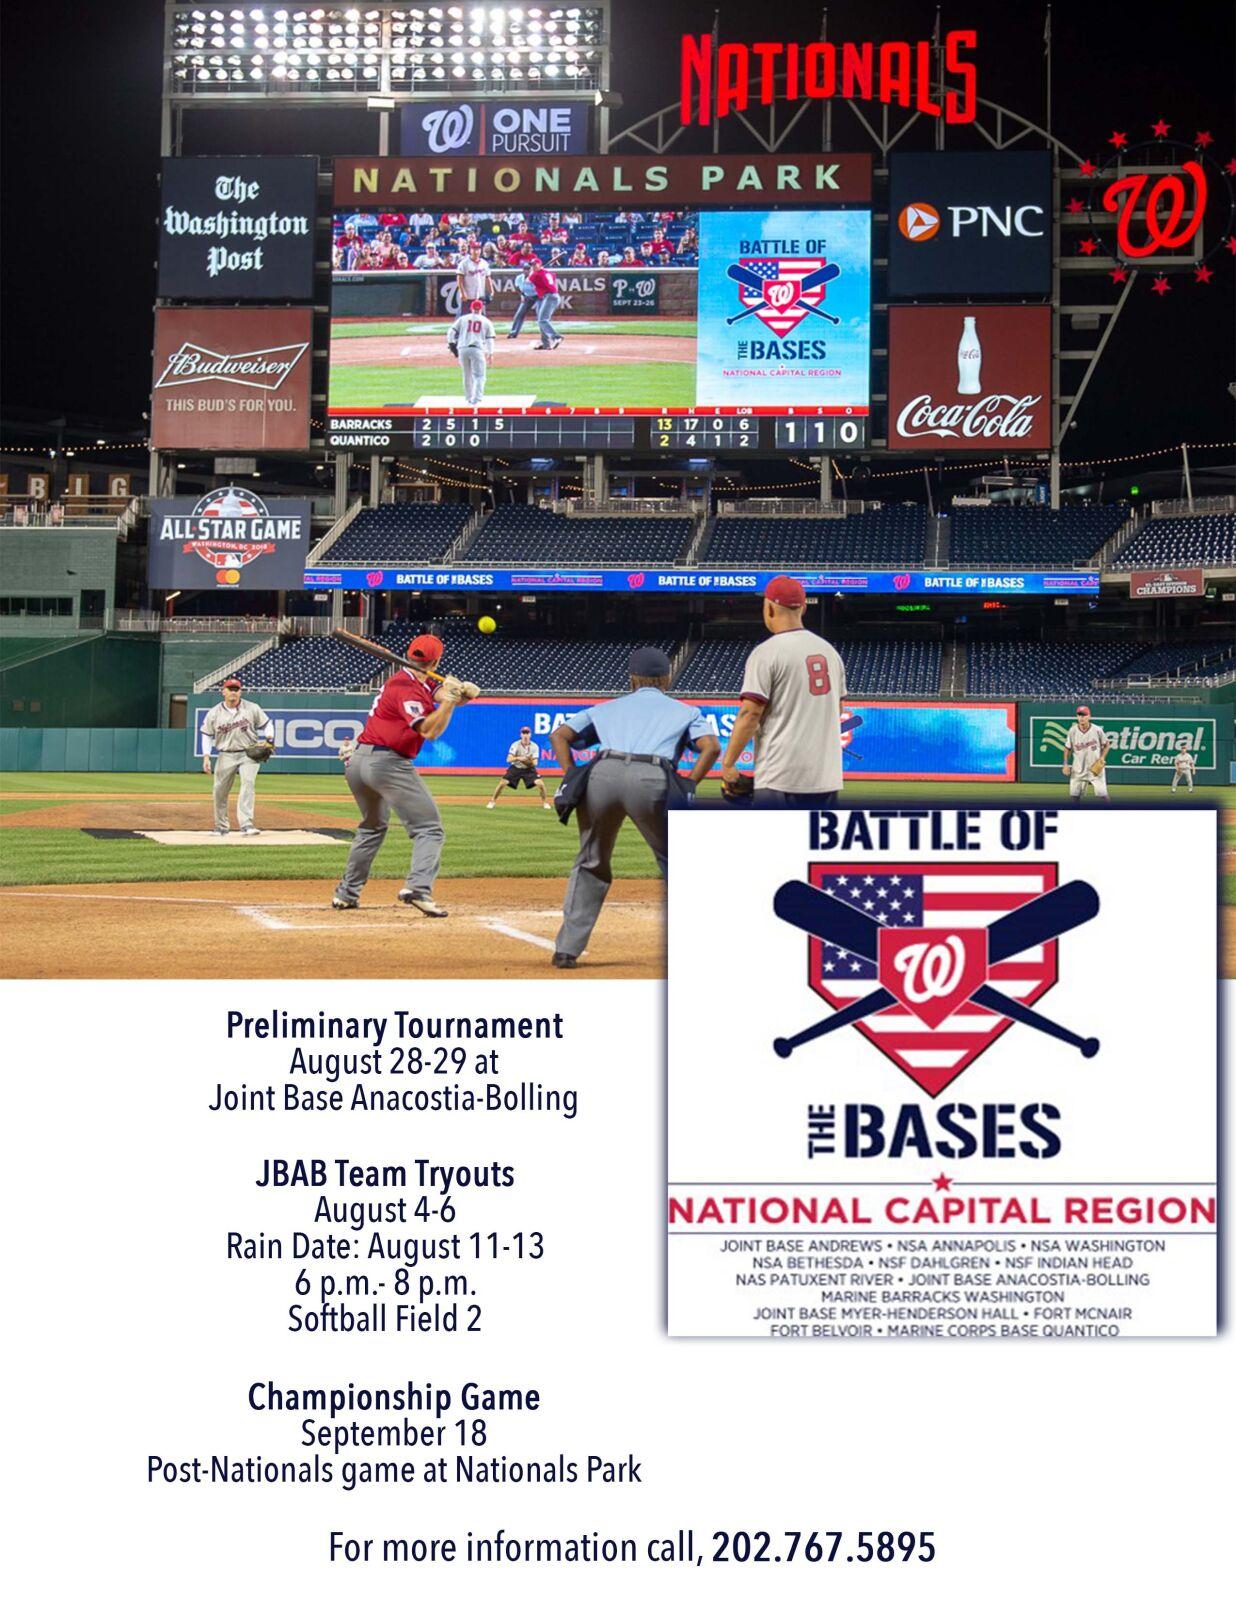 battle of the bases 2021 (jpg)